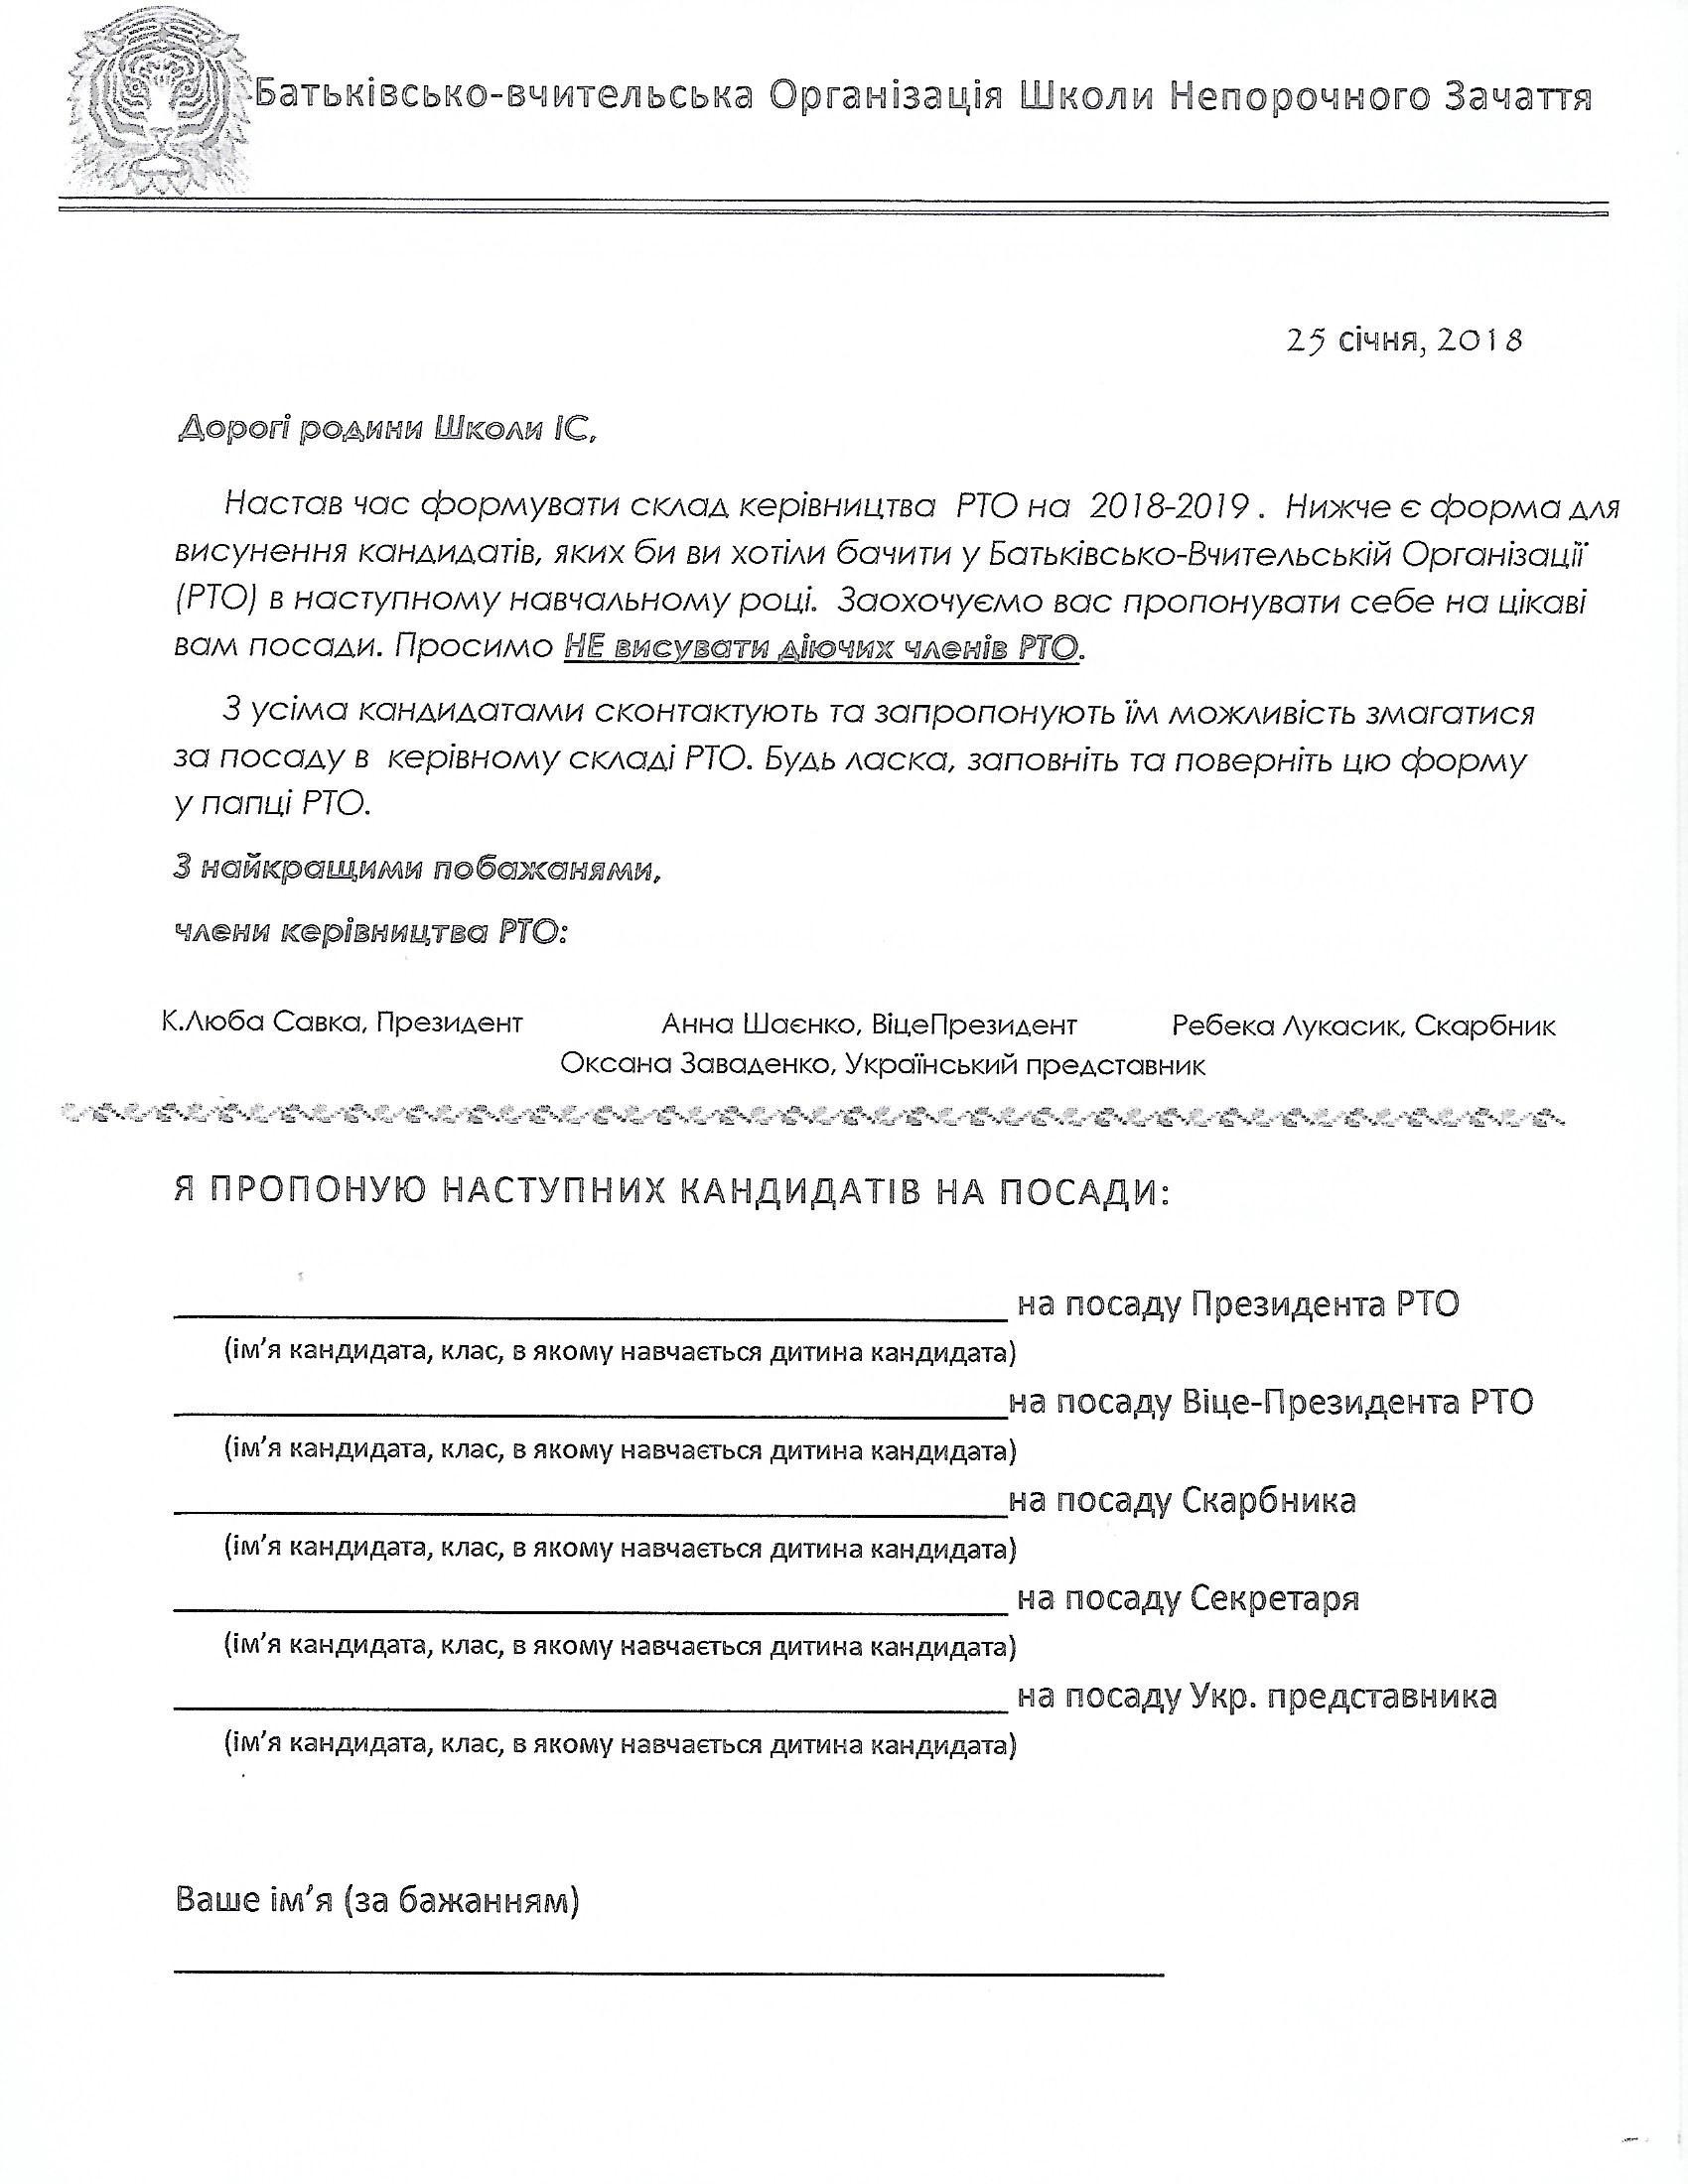 PTO Nomination Form 2.jpg